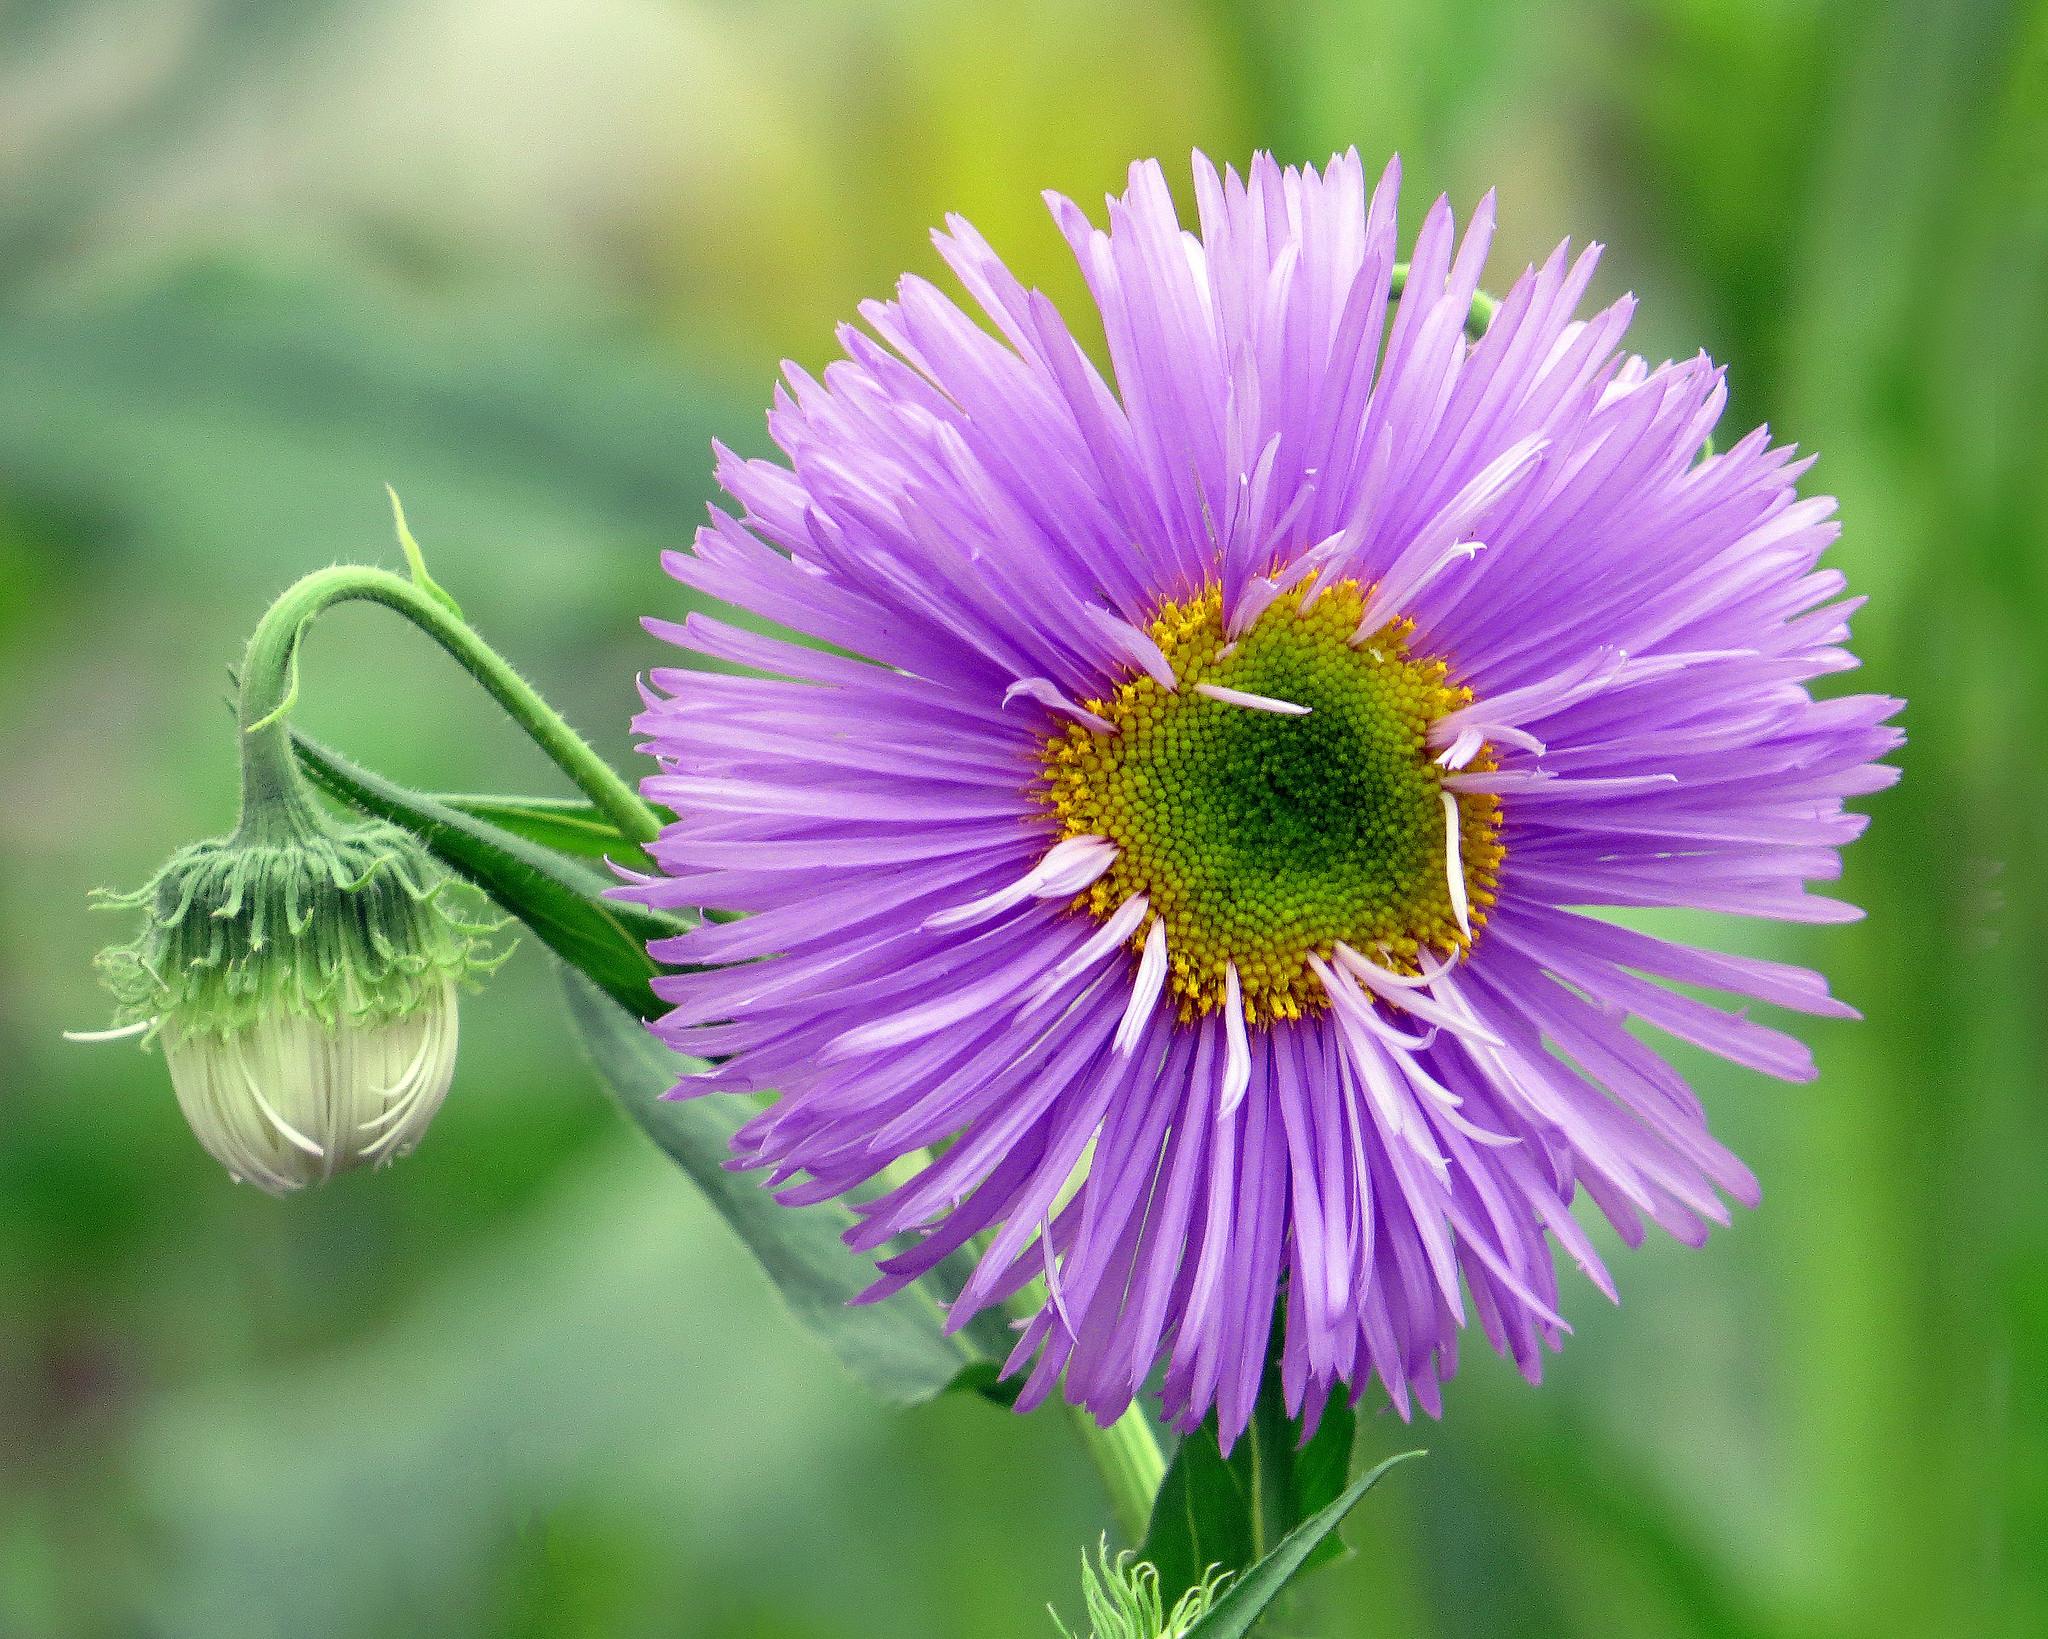 обои блошница дизентерийная, цветок, флора картинки фото